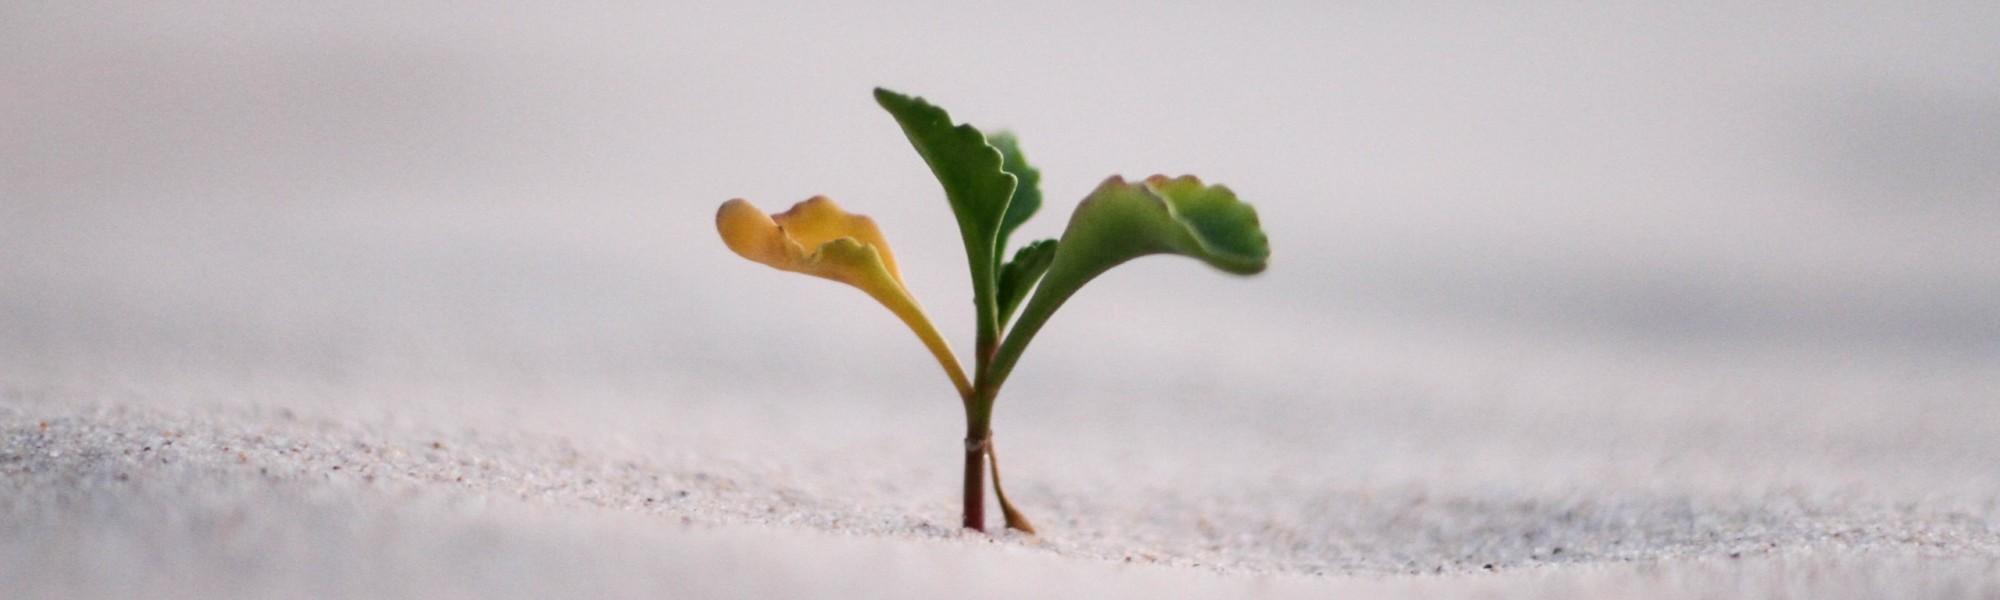 Kuvassa on pieni kasvin taimi.